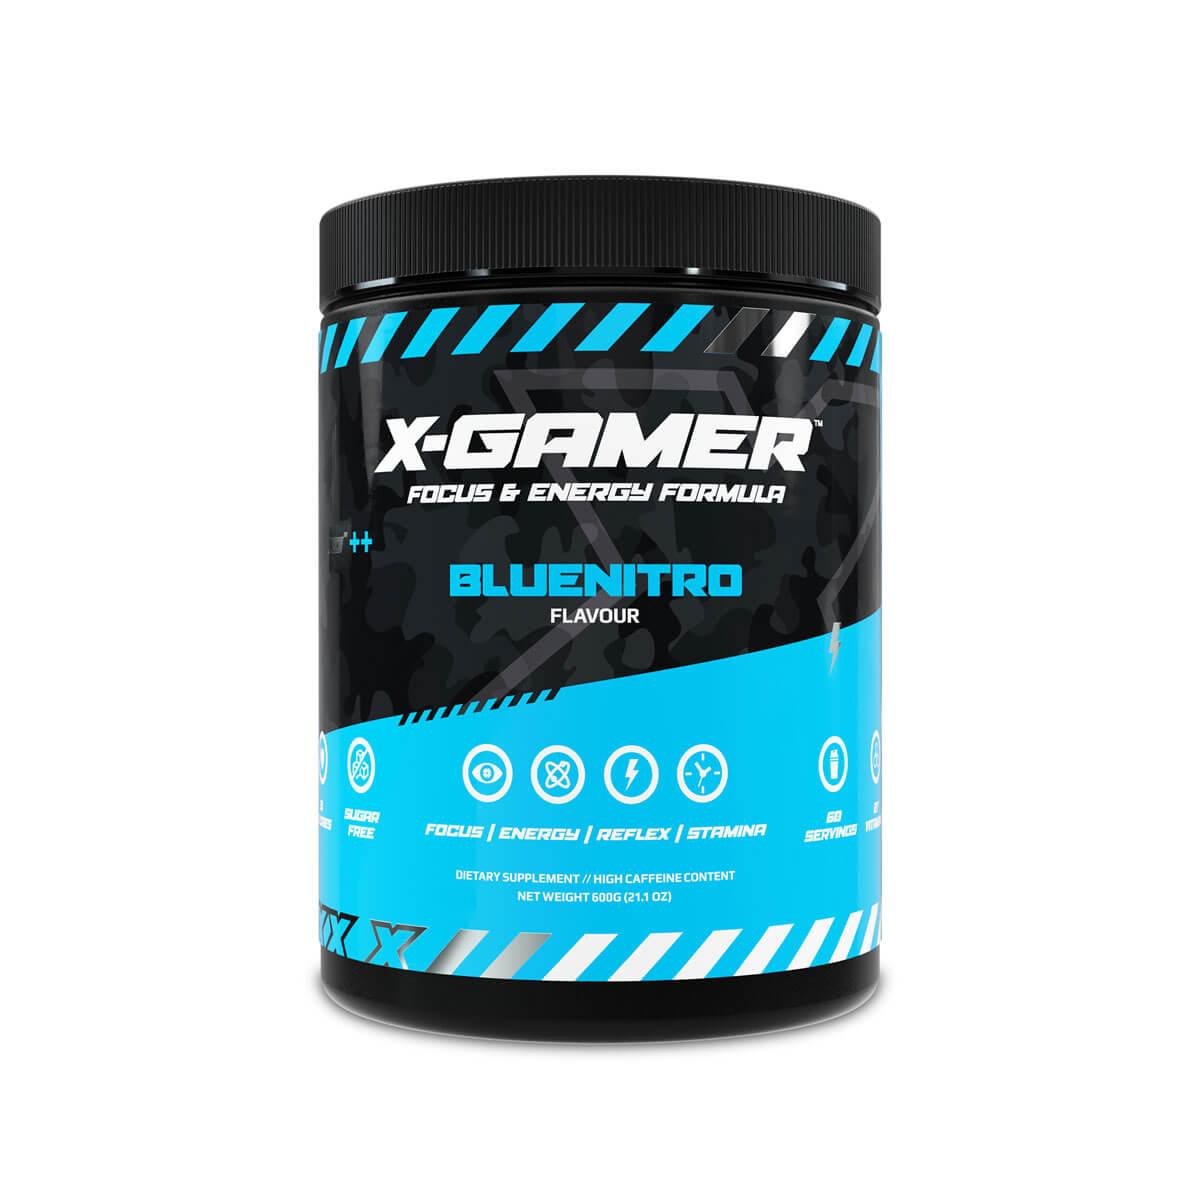 X-GAMER X-Tubz Bluenitro 600g